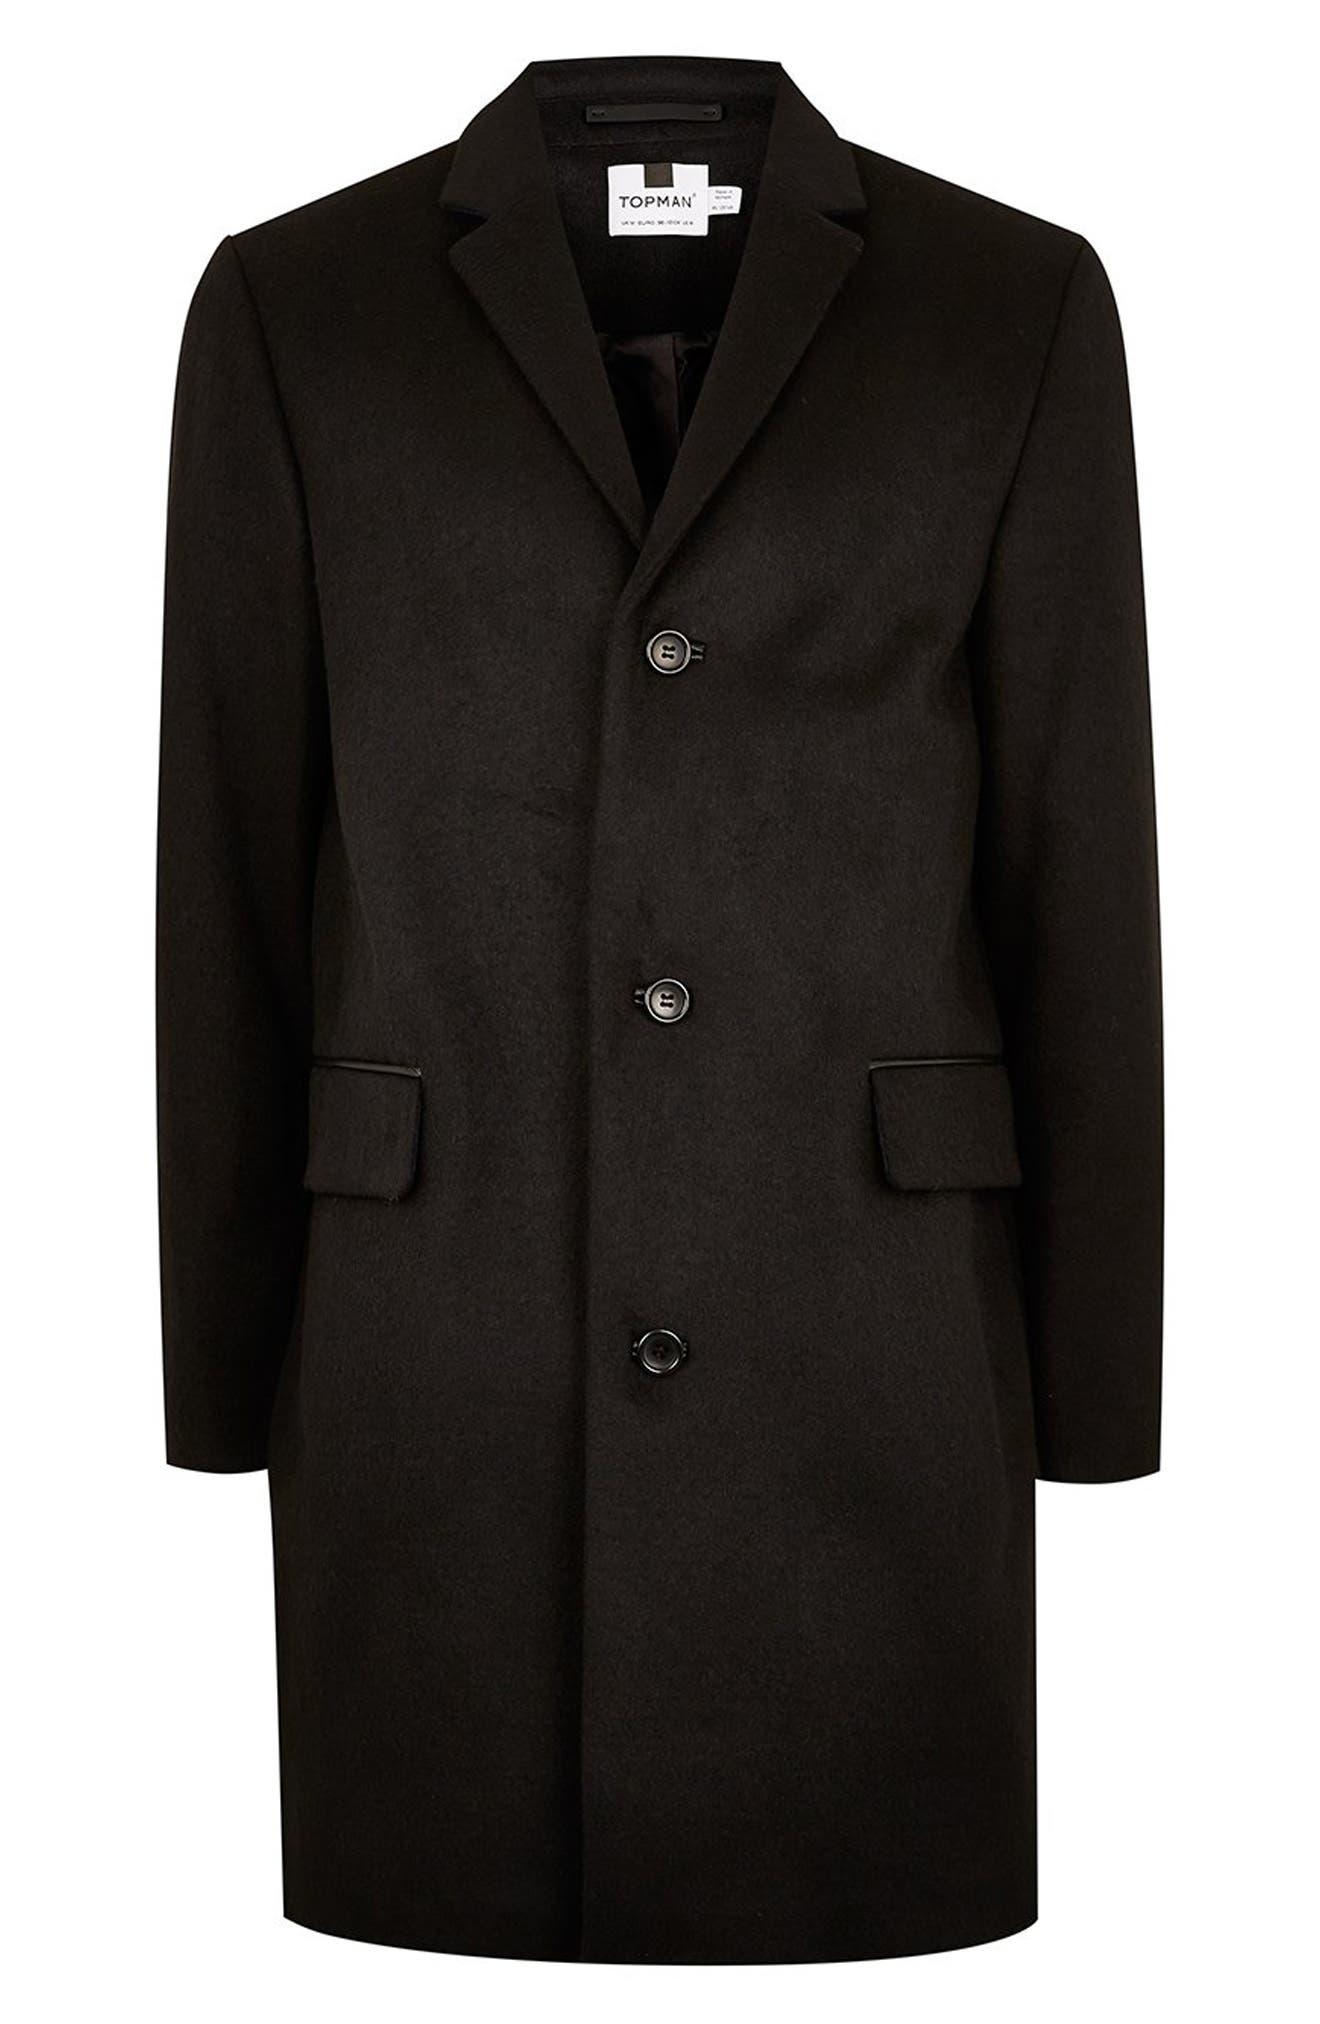 Wool Blend Overcoat,                             Alternate thumbnail 6, color,                             BLACK